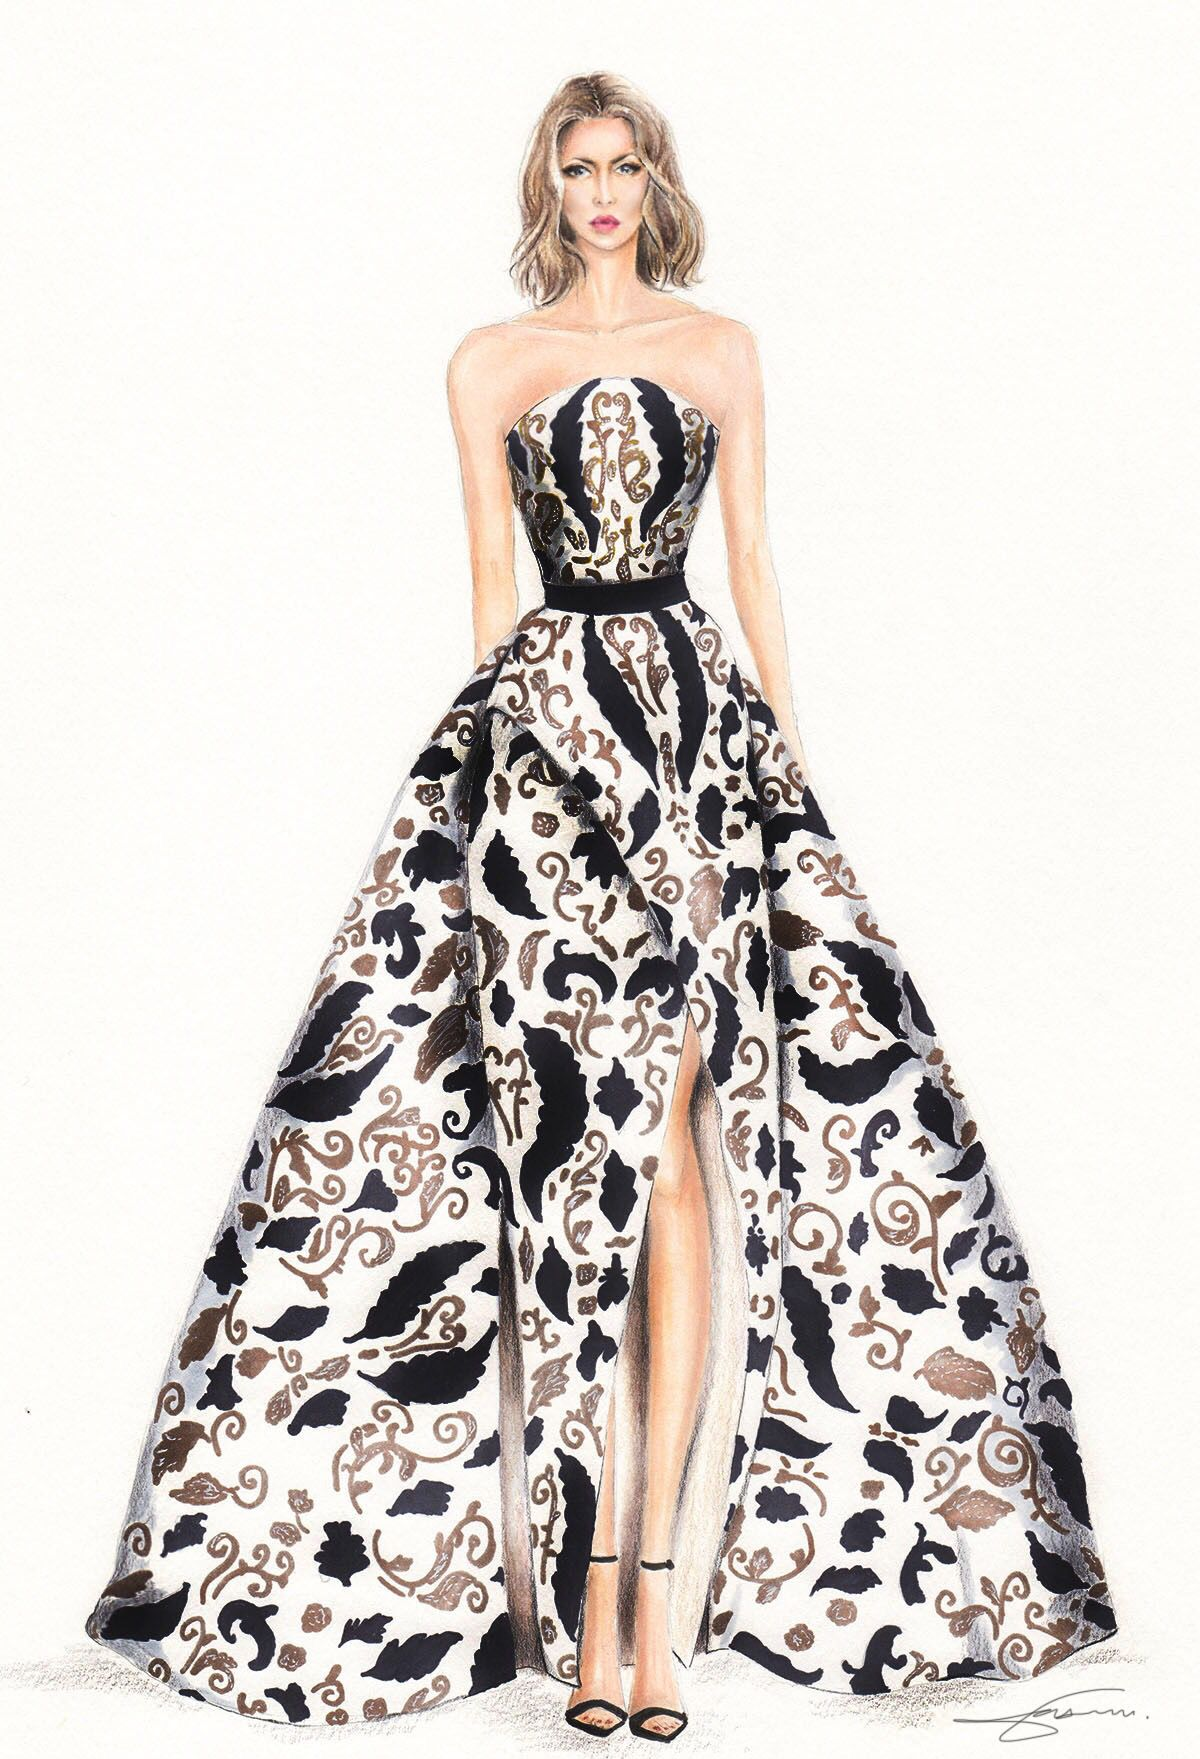 Fashion Illustration By Olivia Elery Inspiration Ashi